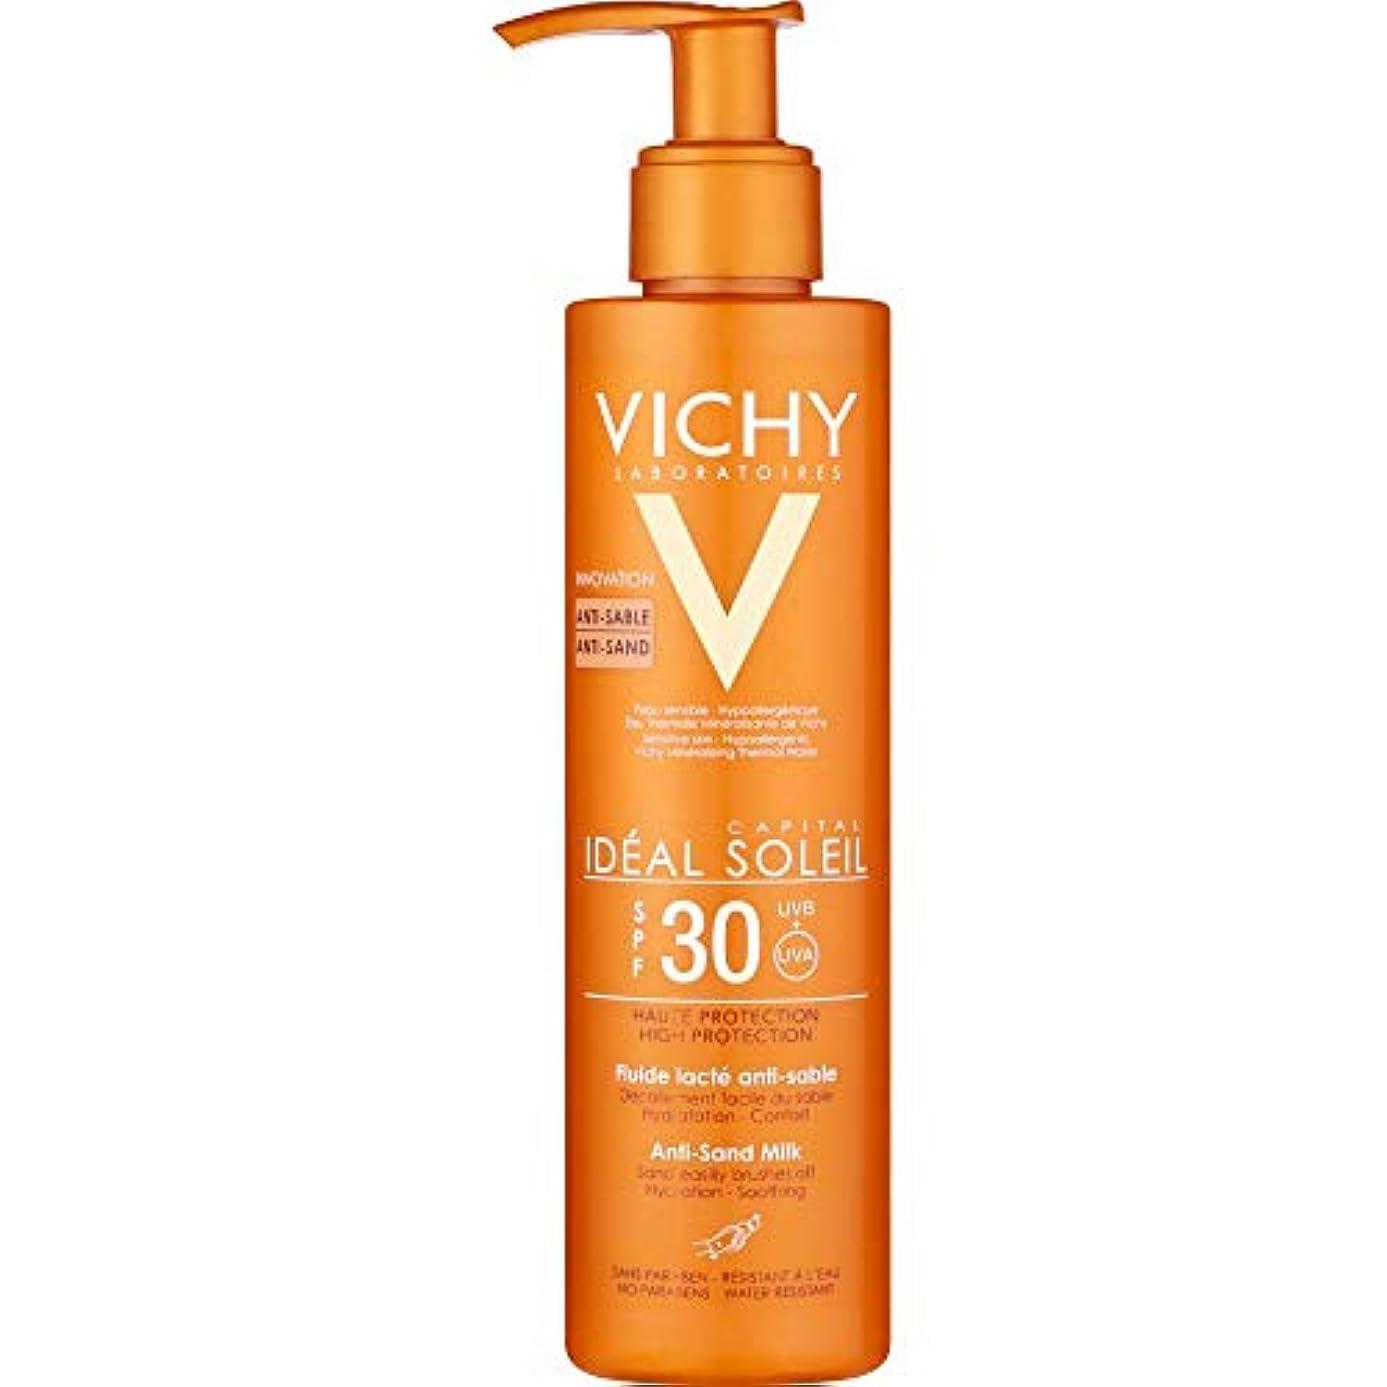 フェッチ服を着る浸す[Vichy] ヴィシー理想的ソレイユアンチ砂ミルクSpf30の200ミリリットル - Vichy Ideal Soleil Anti-Sand Milk SPF30 200ml [並行輸入品]